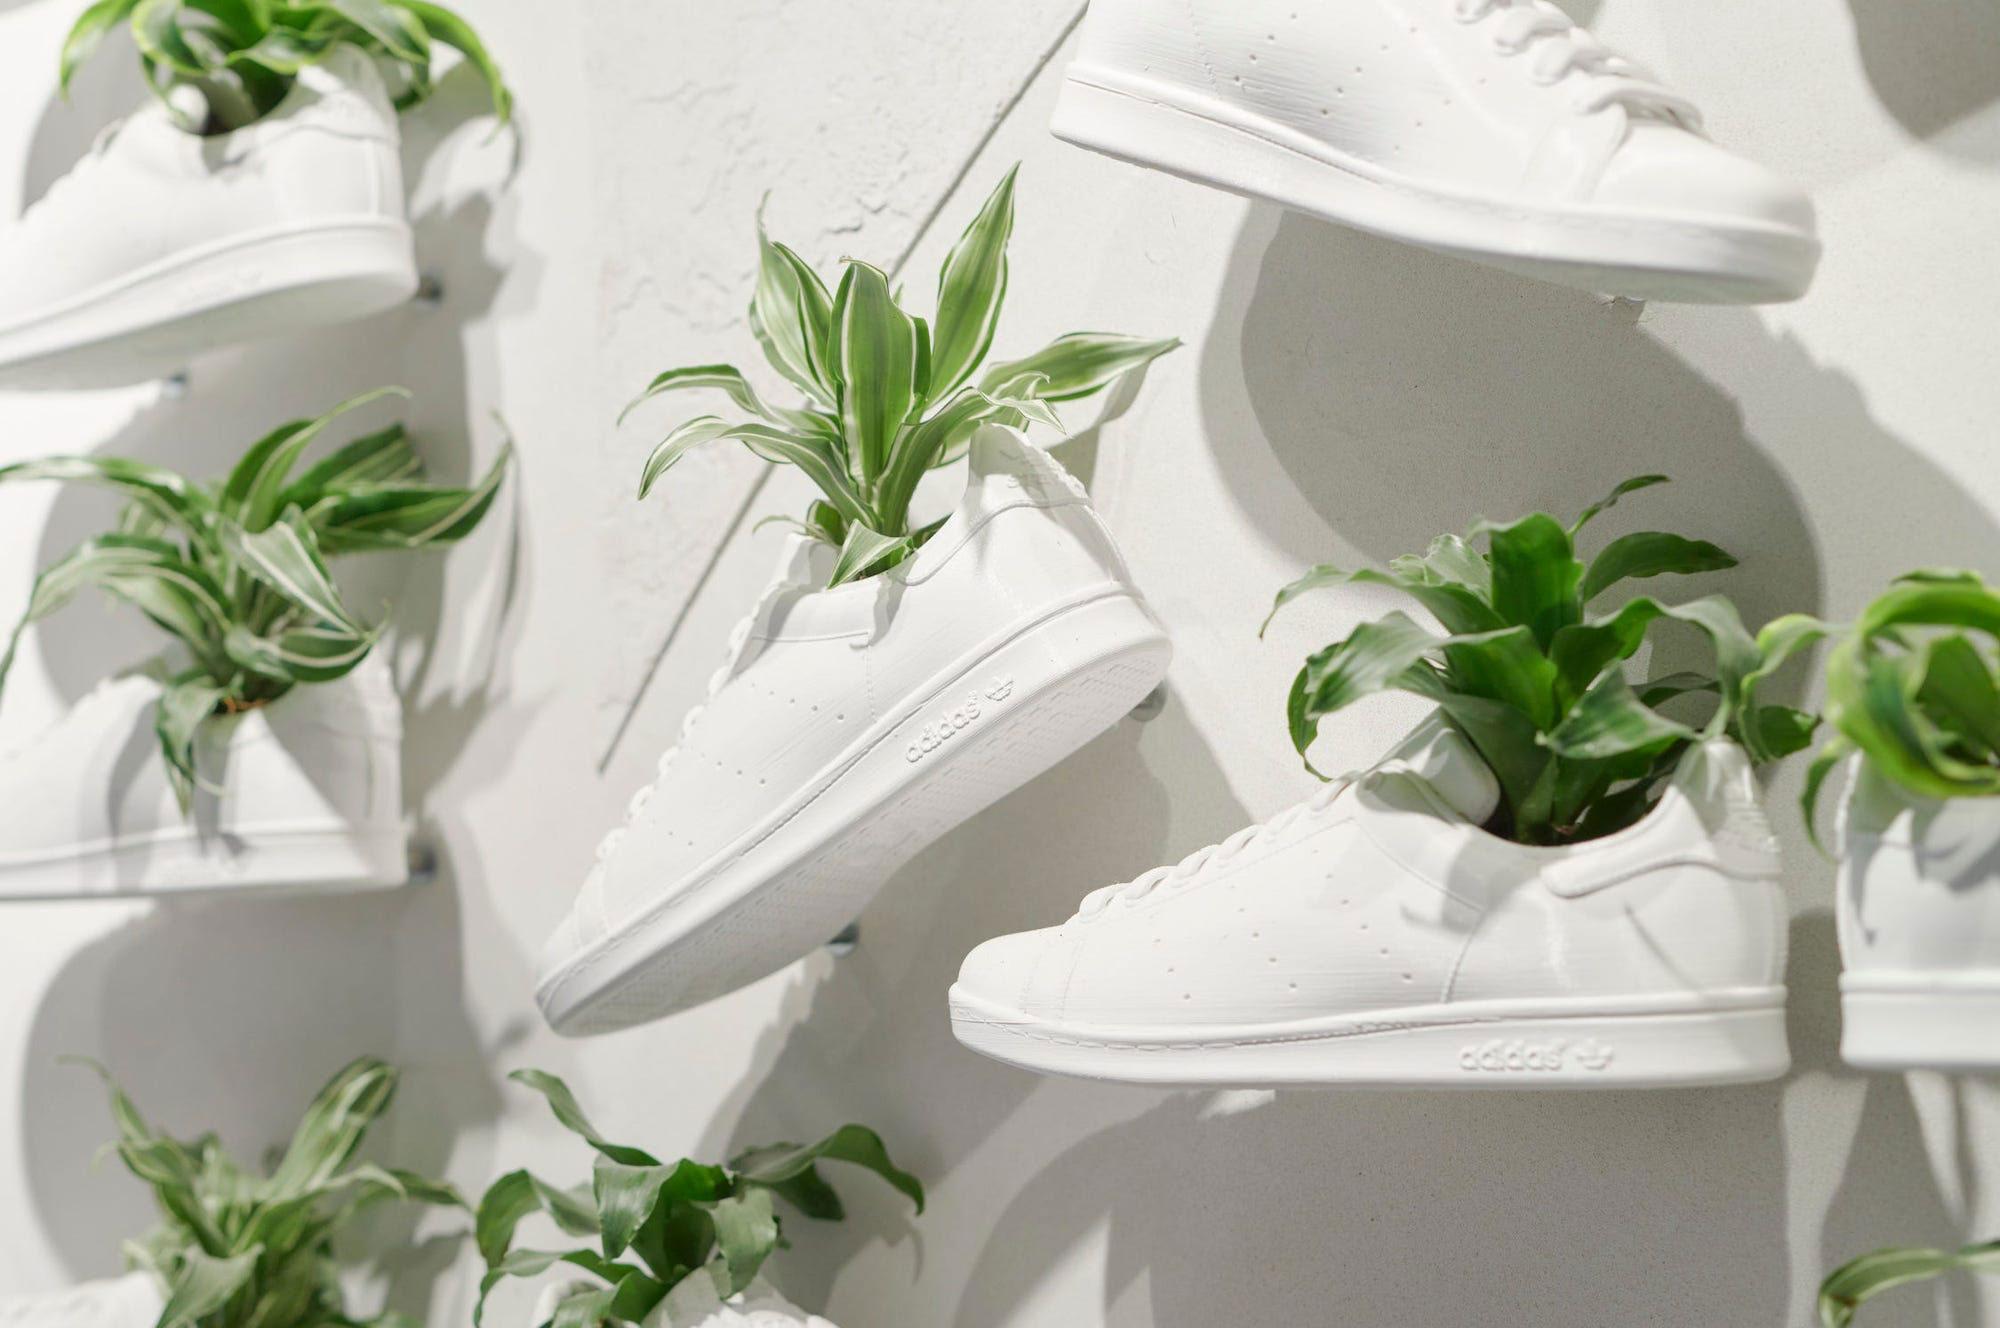 VegNews.Adidas